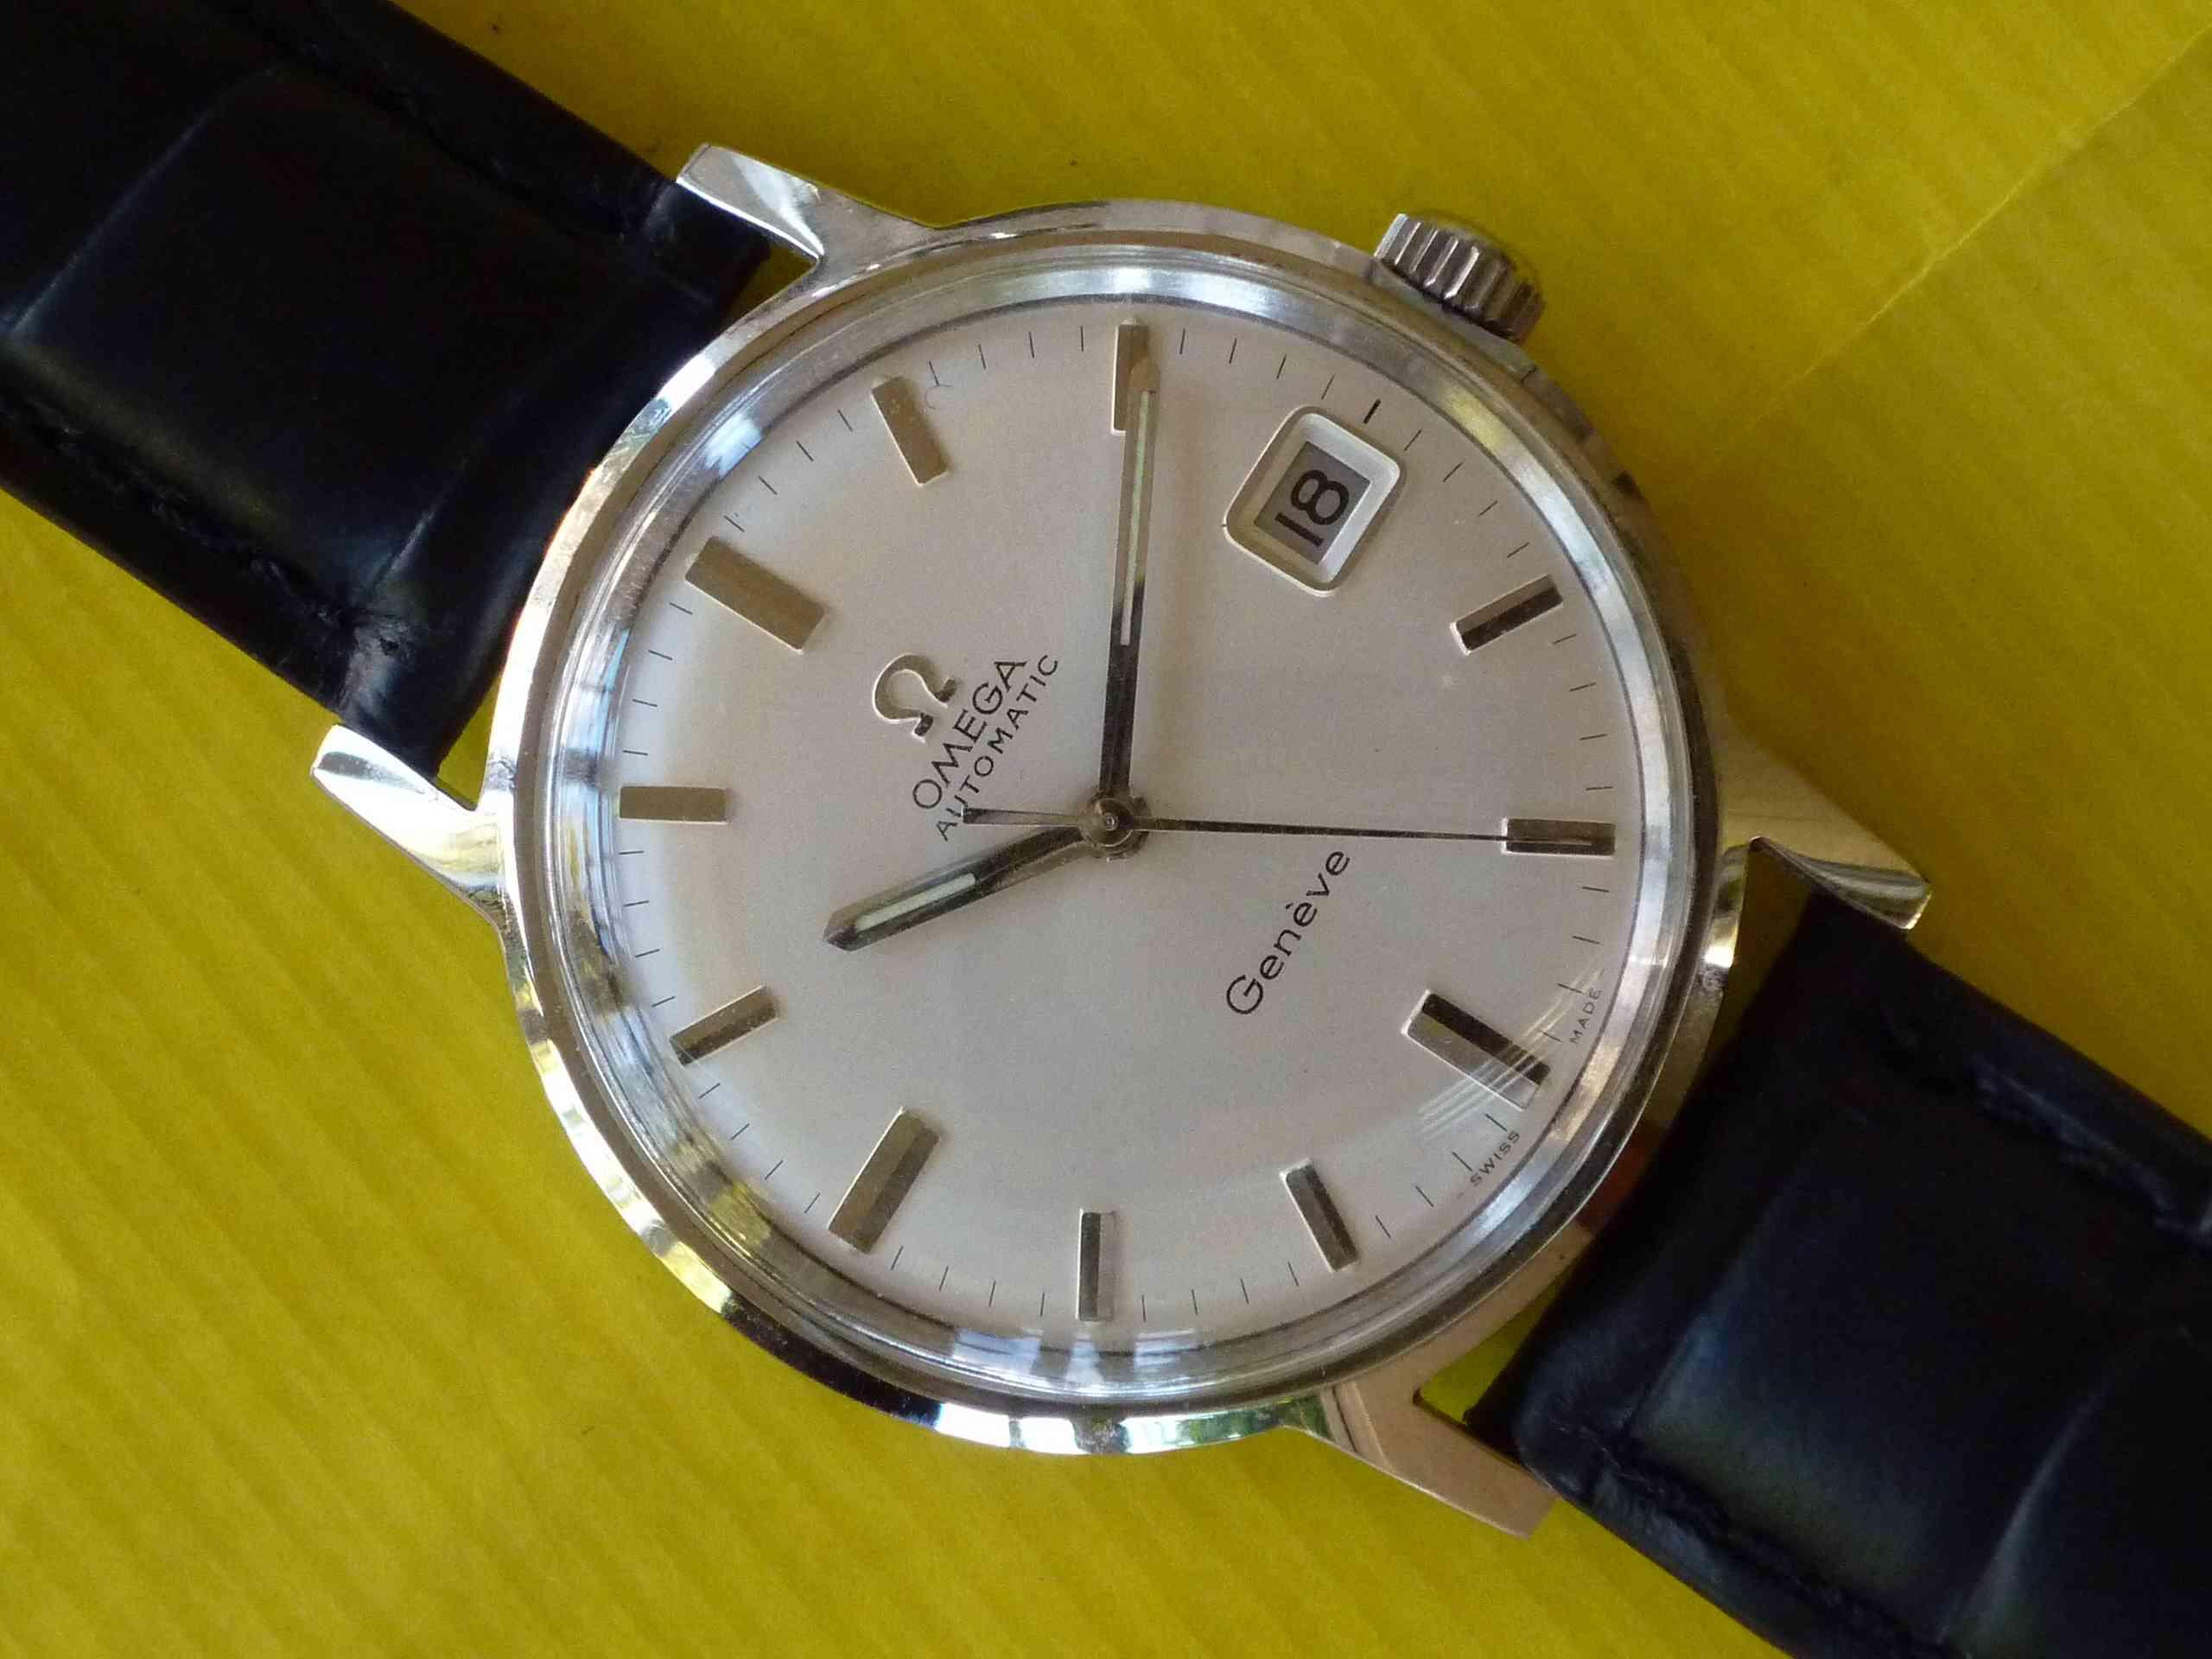 Vintage Omega Automatic Geneve